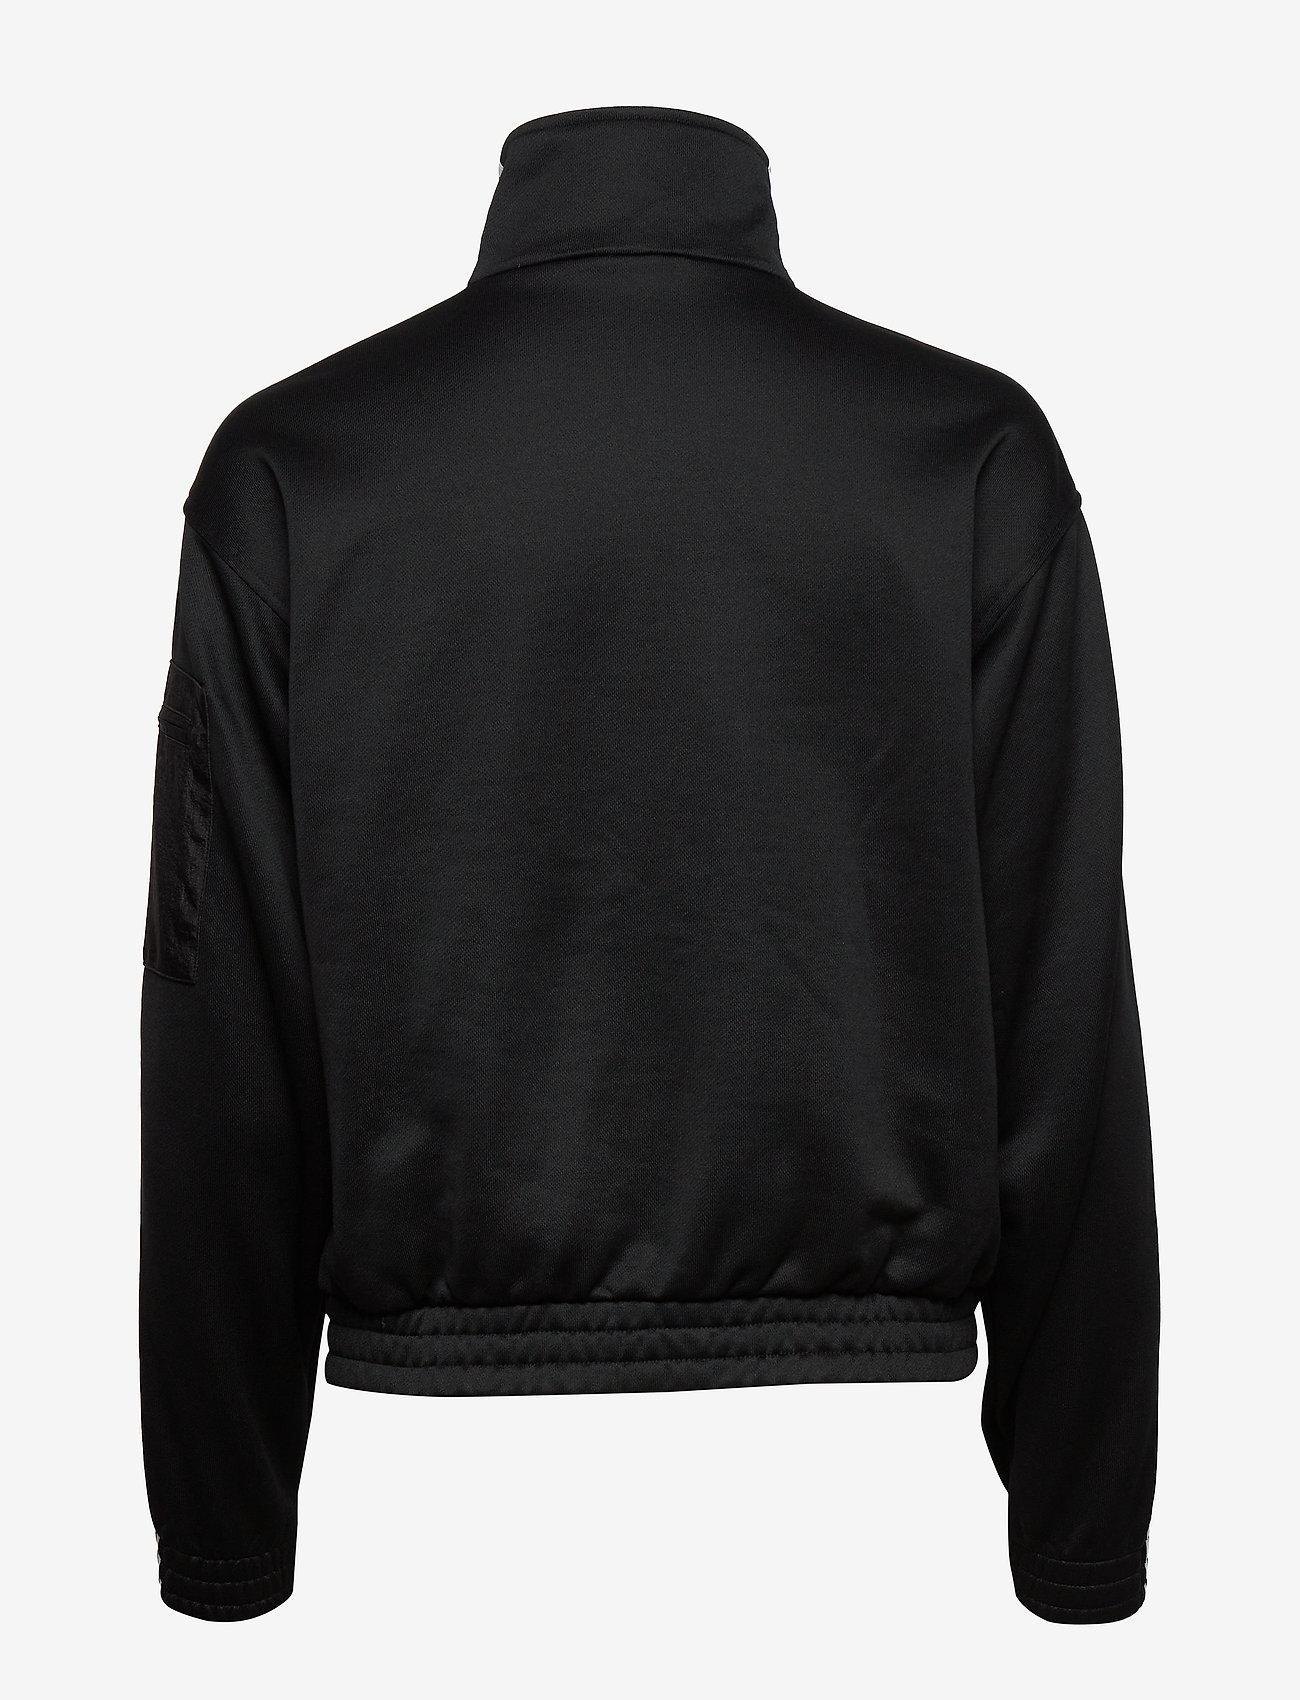 adidas Originals - TRACKTOP - svetarit - black - 1